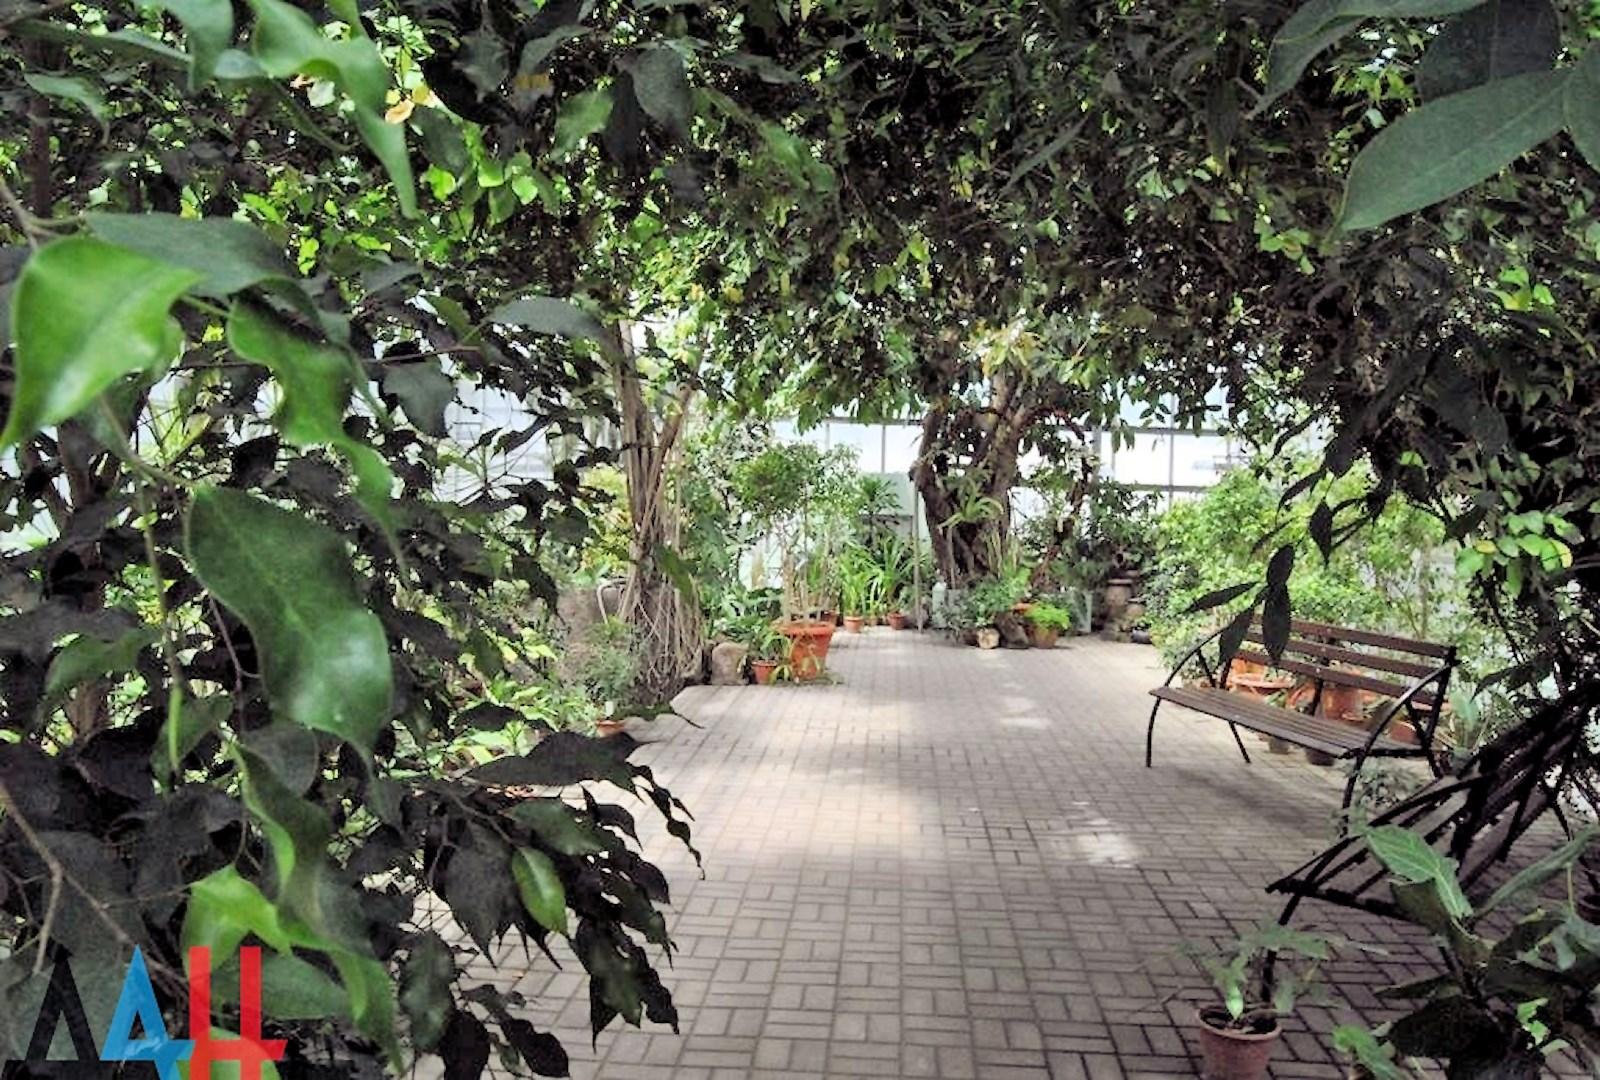 00 donetsk botanical garden 05. 20.05.15